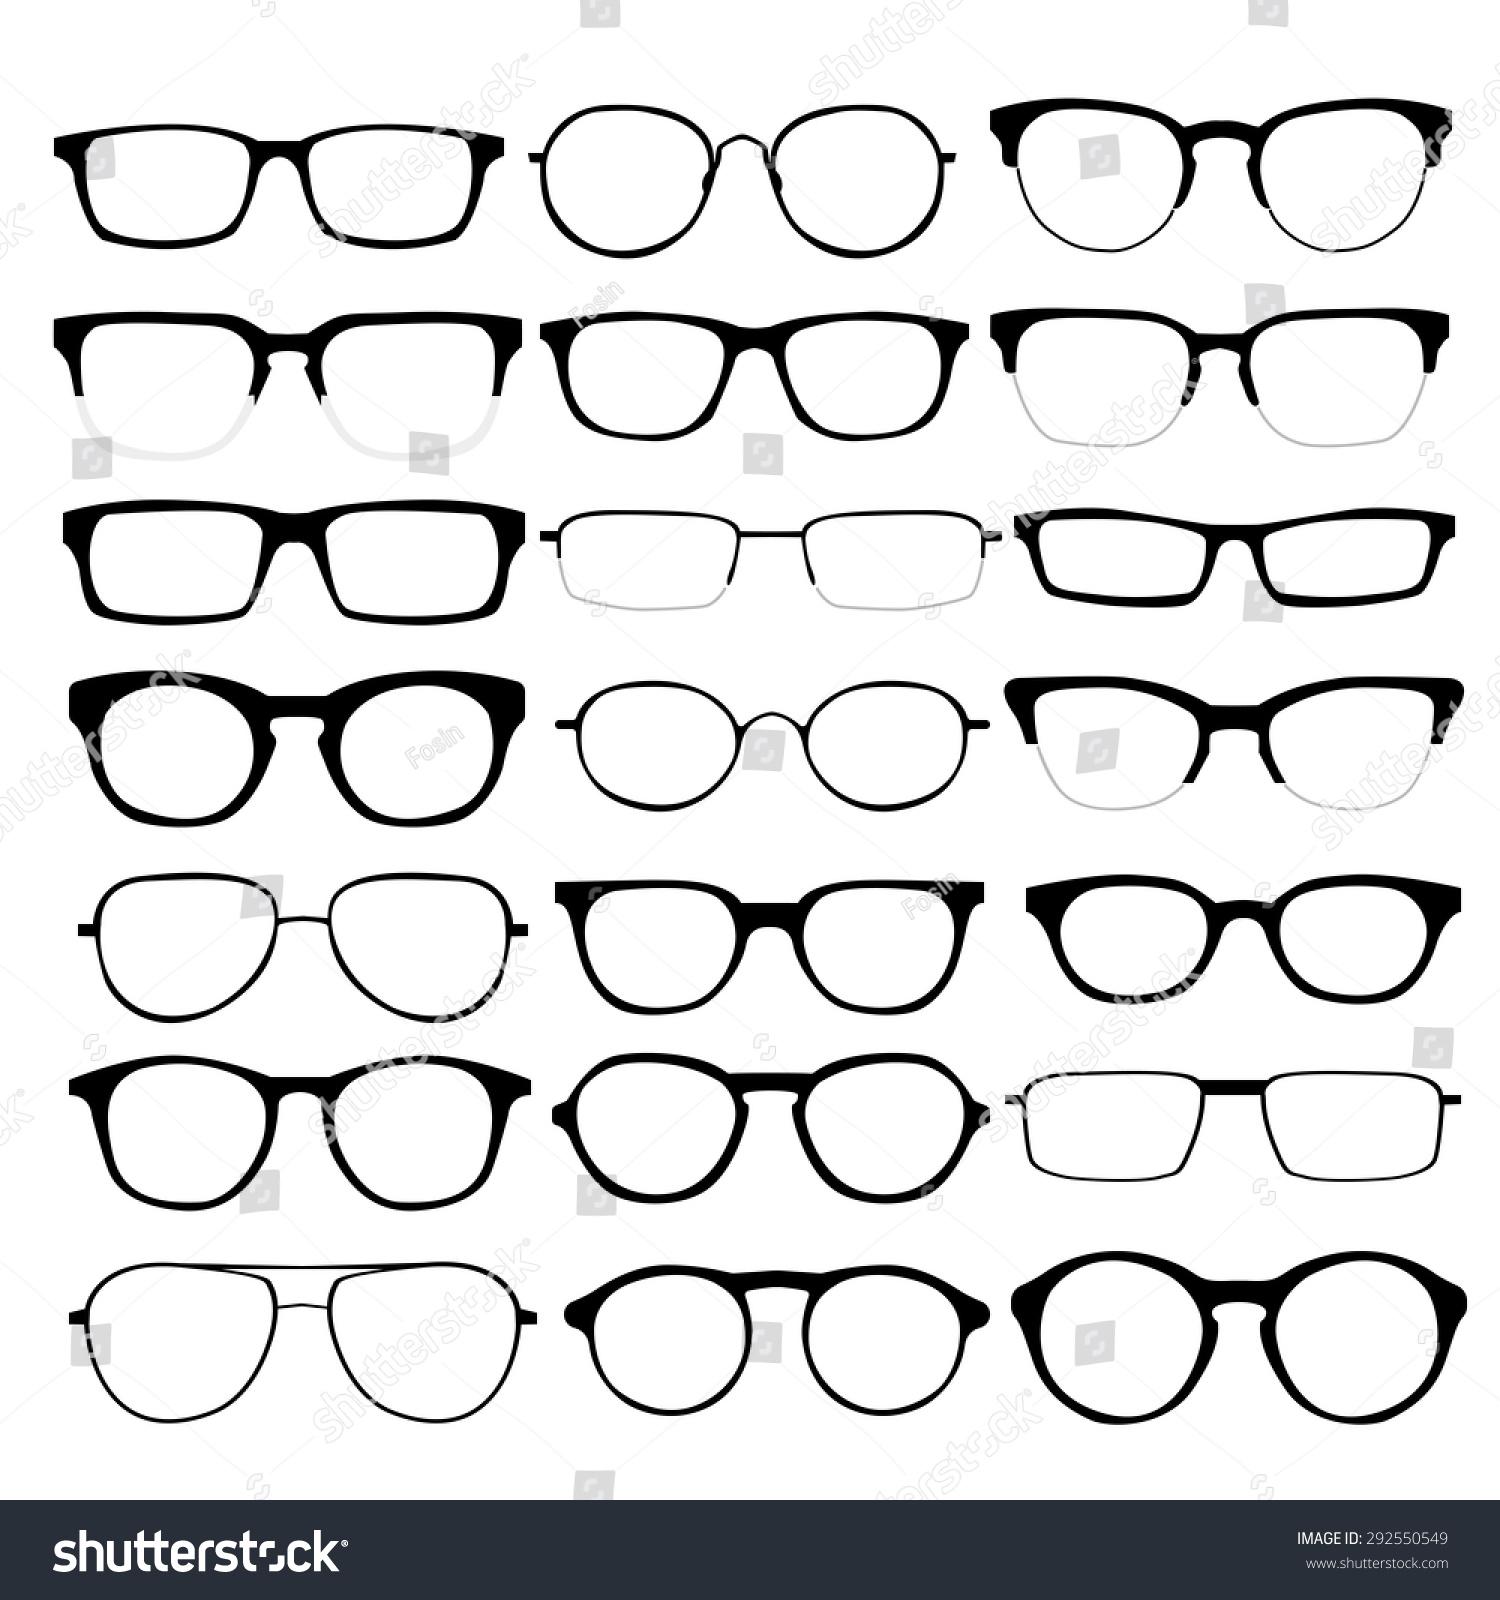 Eyeglasses frames in style - Glasses Frames Styles Set Custom Glasses Isolated Vector Illustration Stock Vector